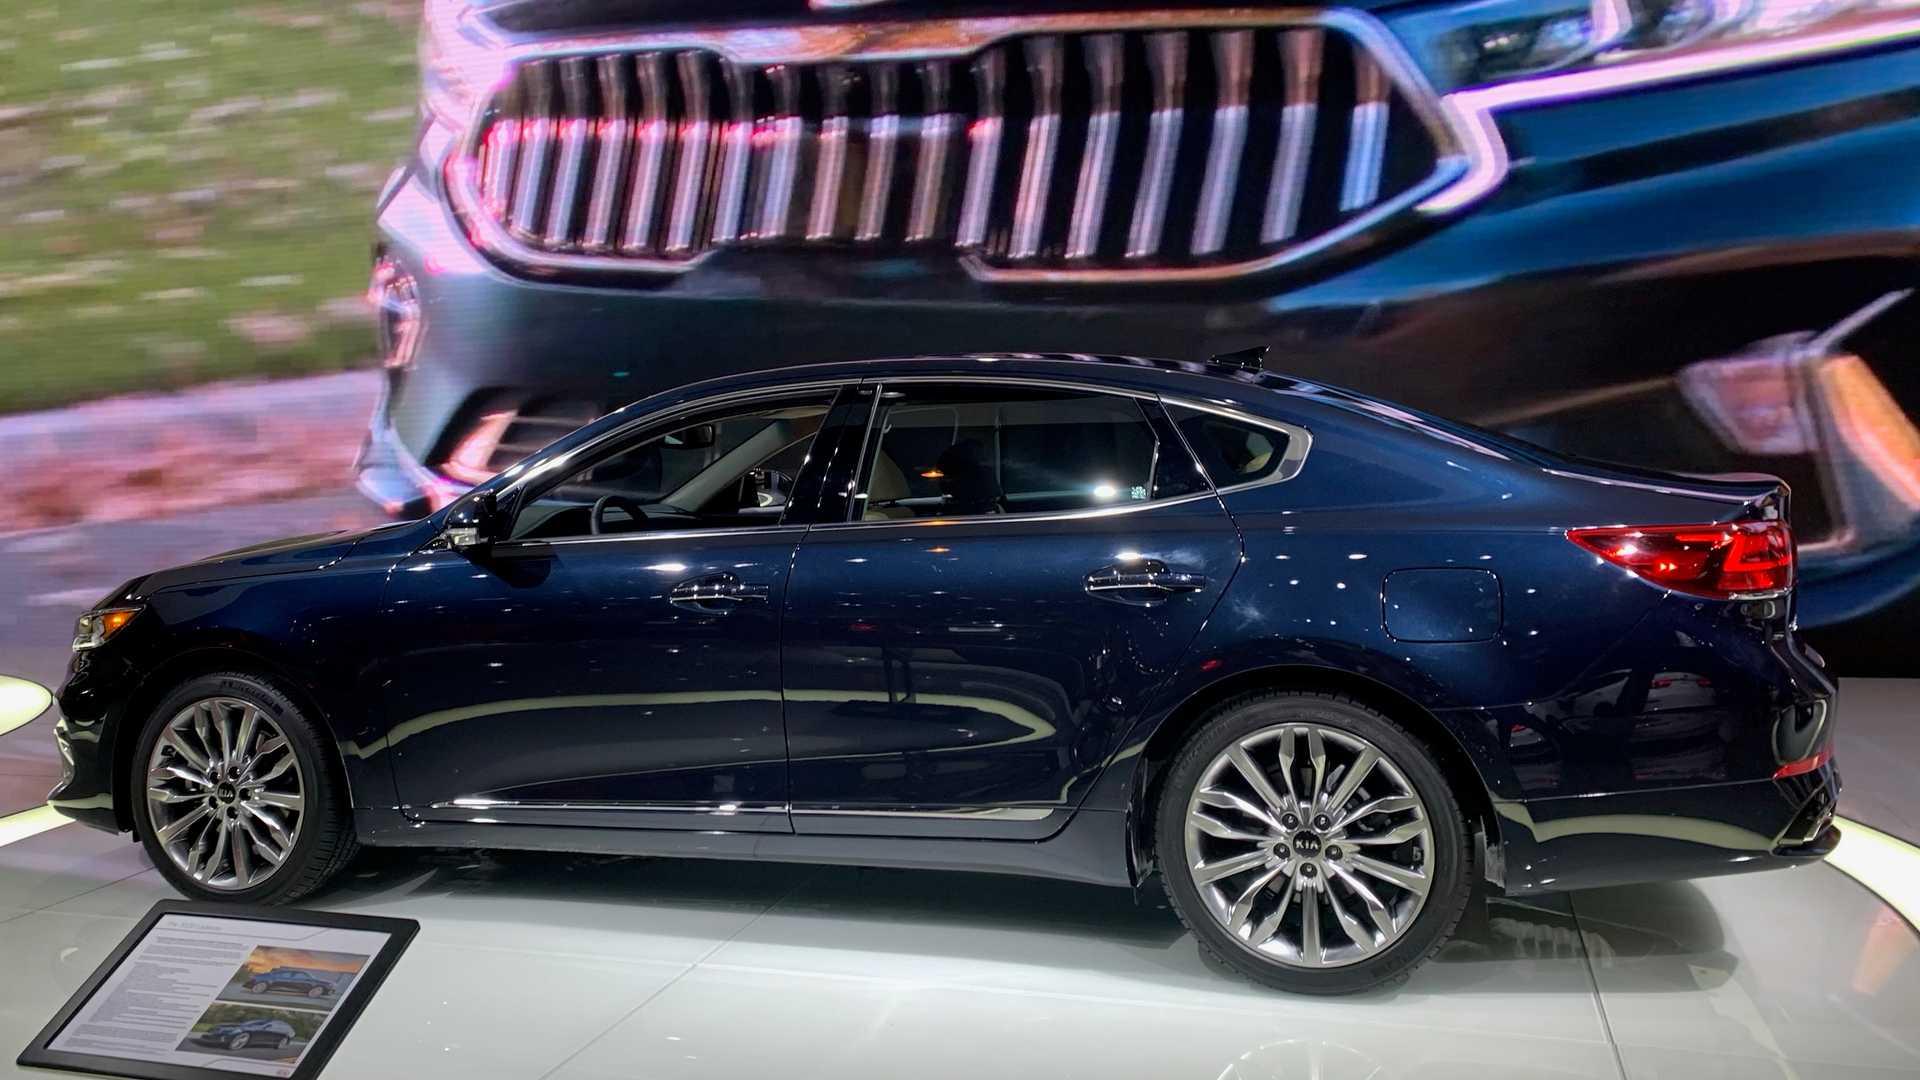 2020芝加哥车展:起亚新款Cadenza亮相